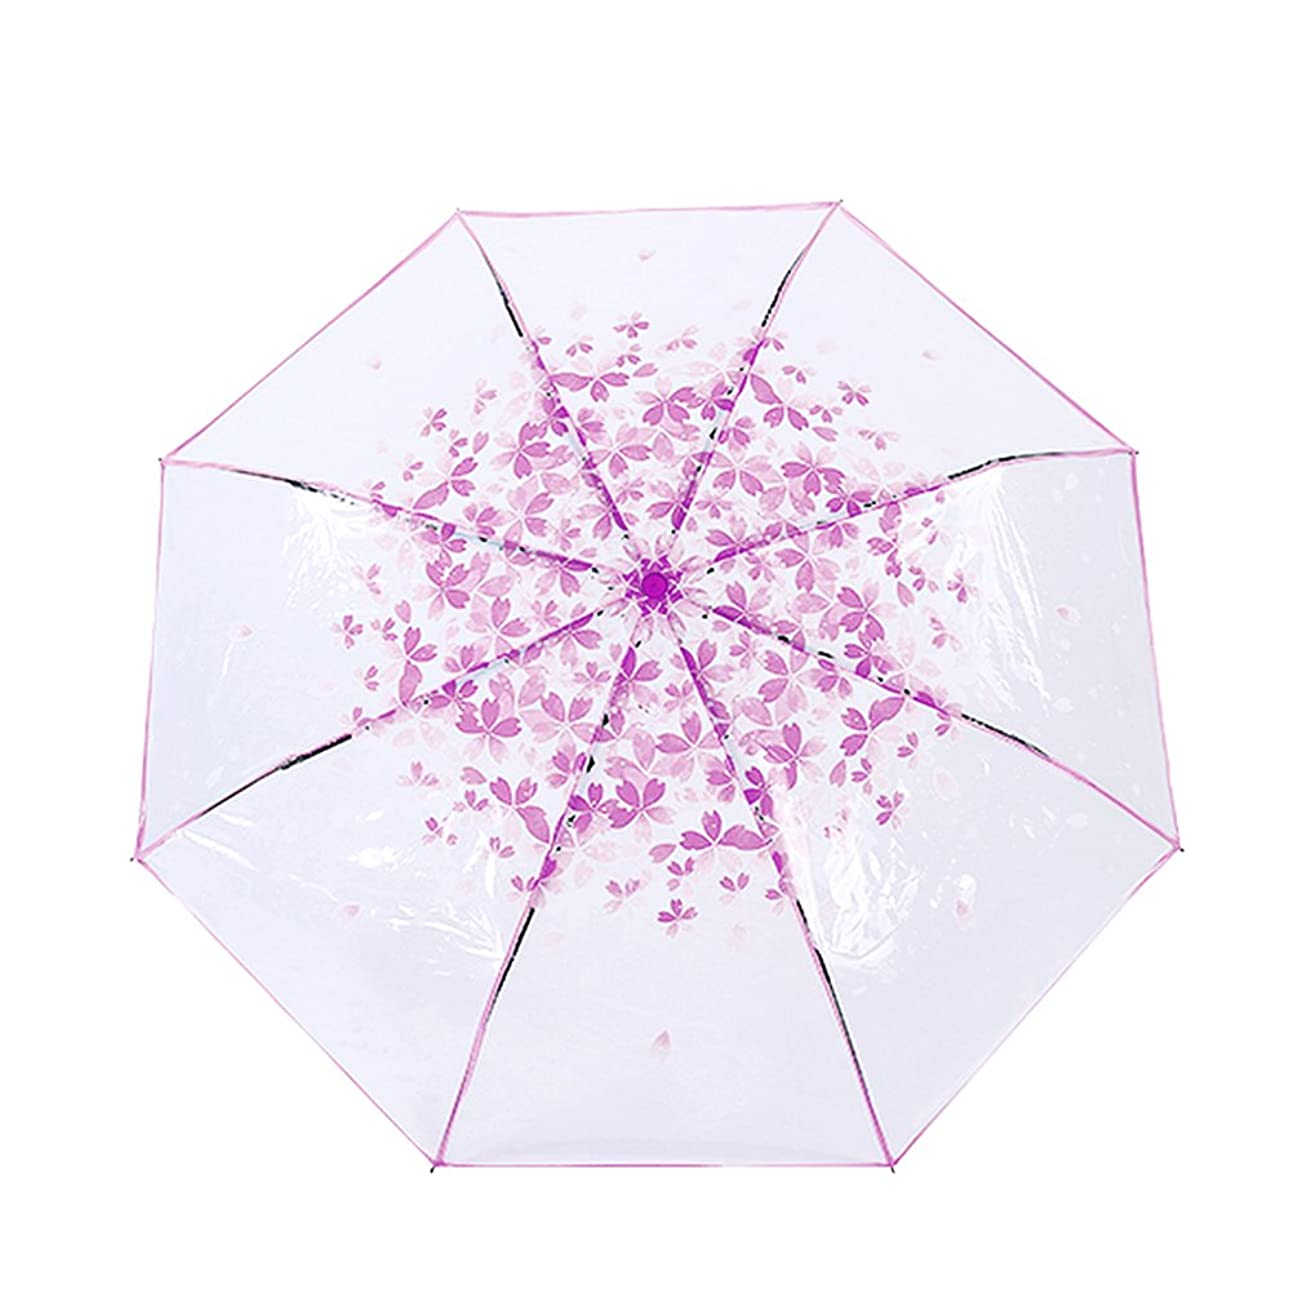 涙合併症ラメレディース雨傘 折りたたみ傘 桜柄 8本骨 ビニール傘 半透明 軽量 超撥水 雨/雪/風 遮断 女性 ガールズ 可愛い傘 梅雨対策 通勤 通学 アウトドア 人気雨具 レイングッズ パープル